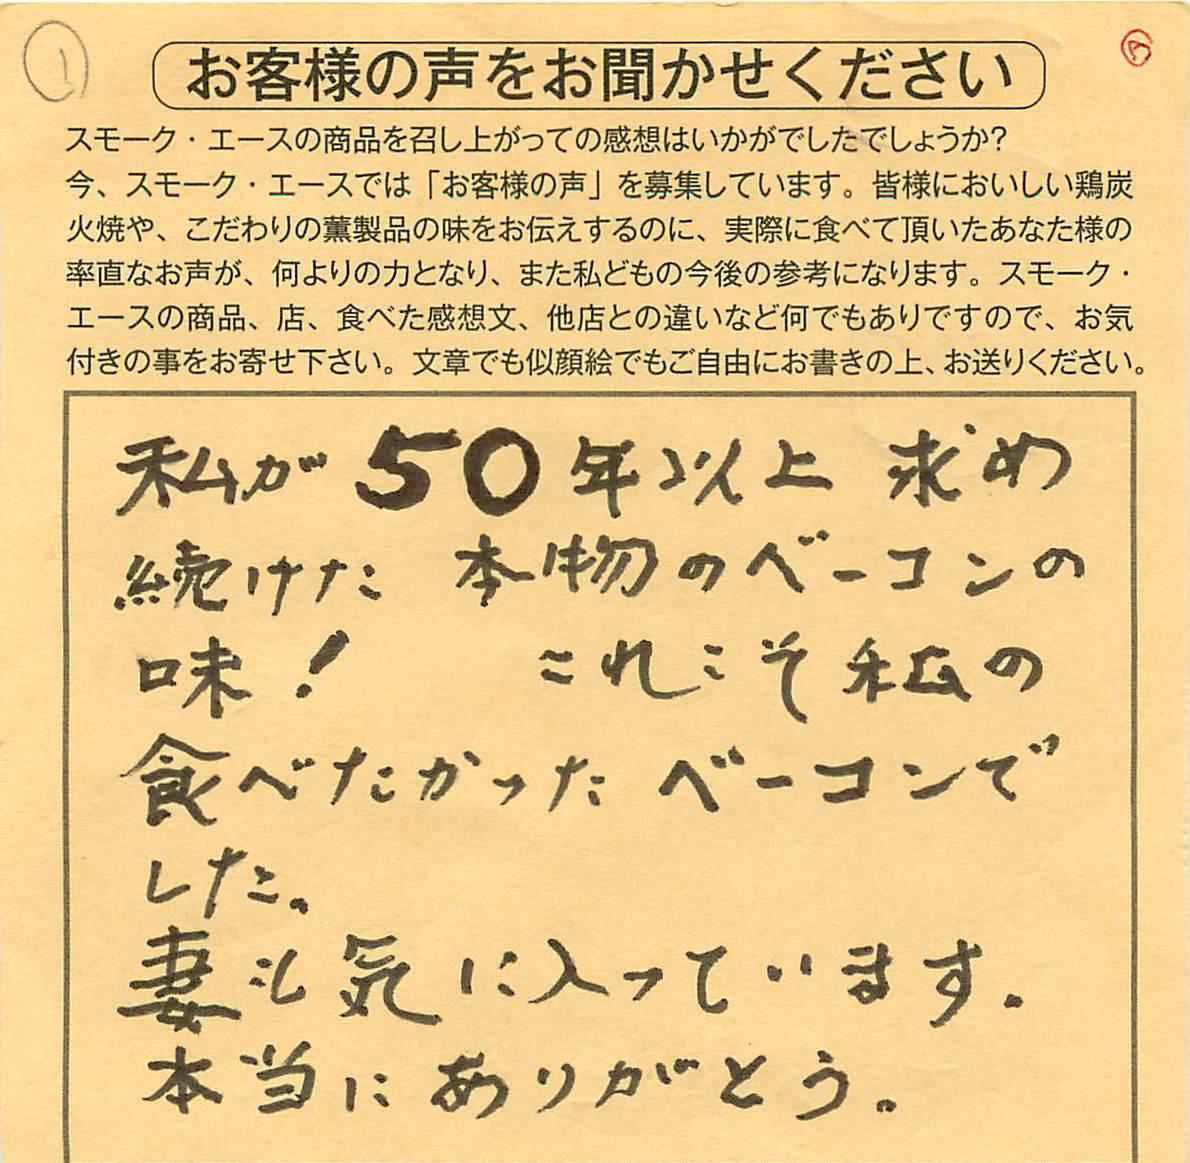 ソフトベーコン|50年以上求め続けた味【No.68】